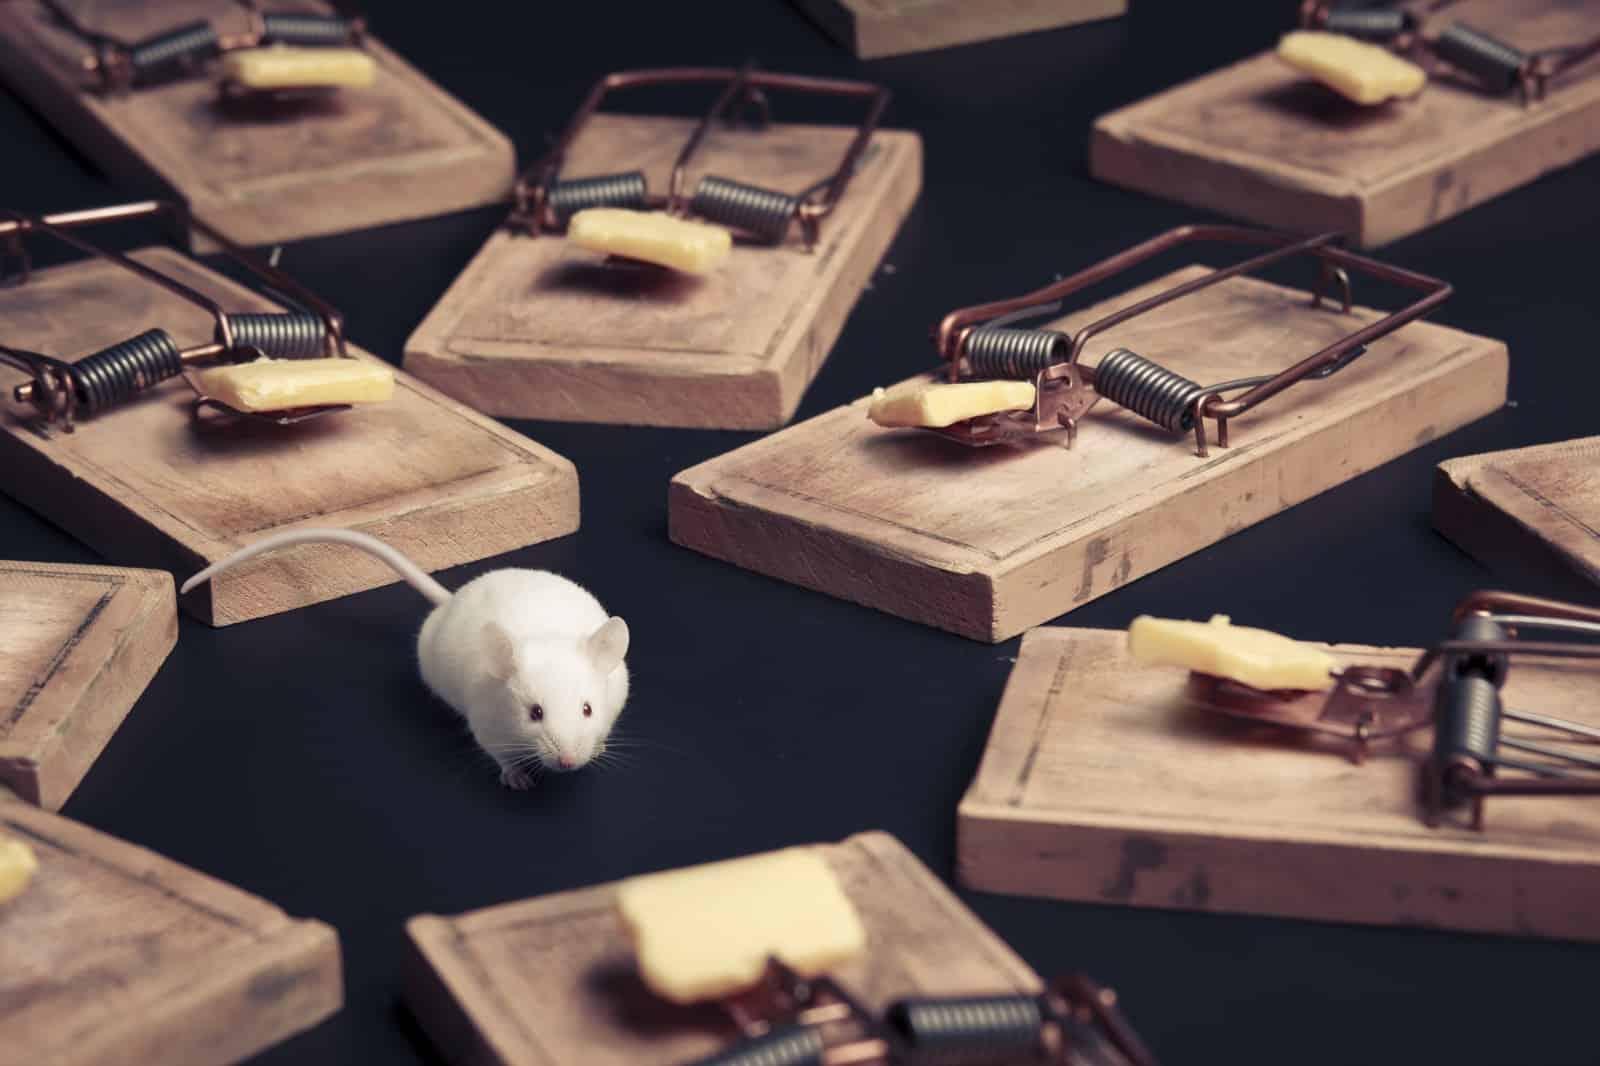 6 Mejores Cebos para Ratones para Capturar Ratones (Rápido y Efectivo)